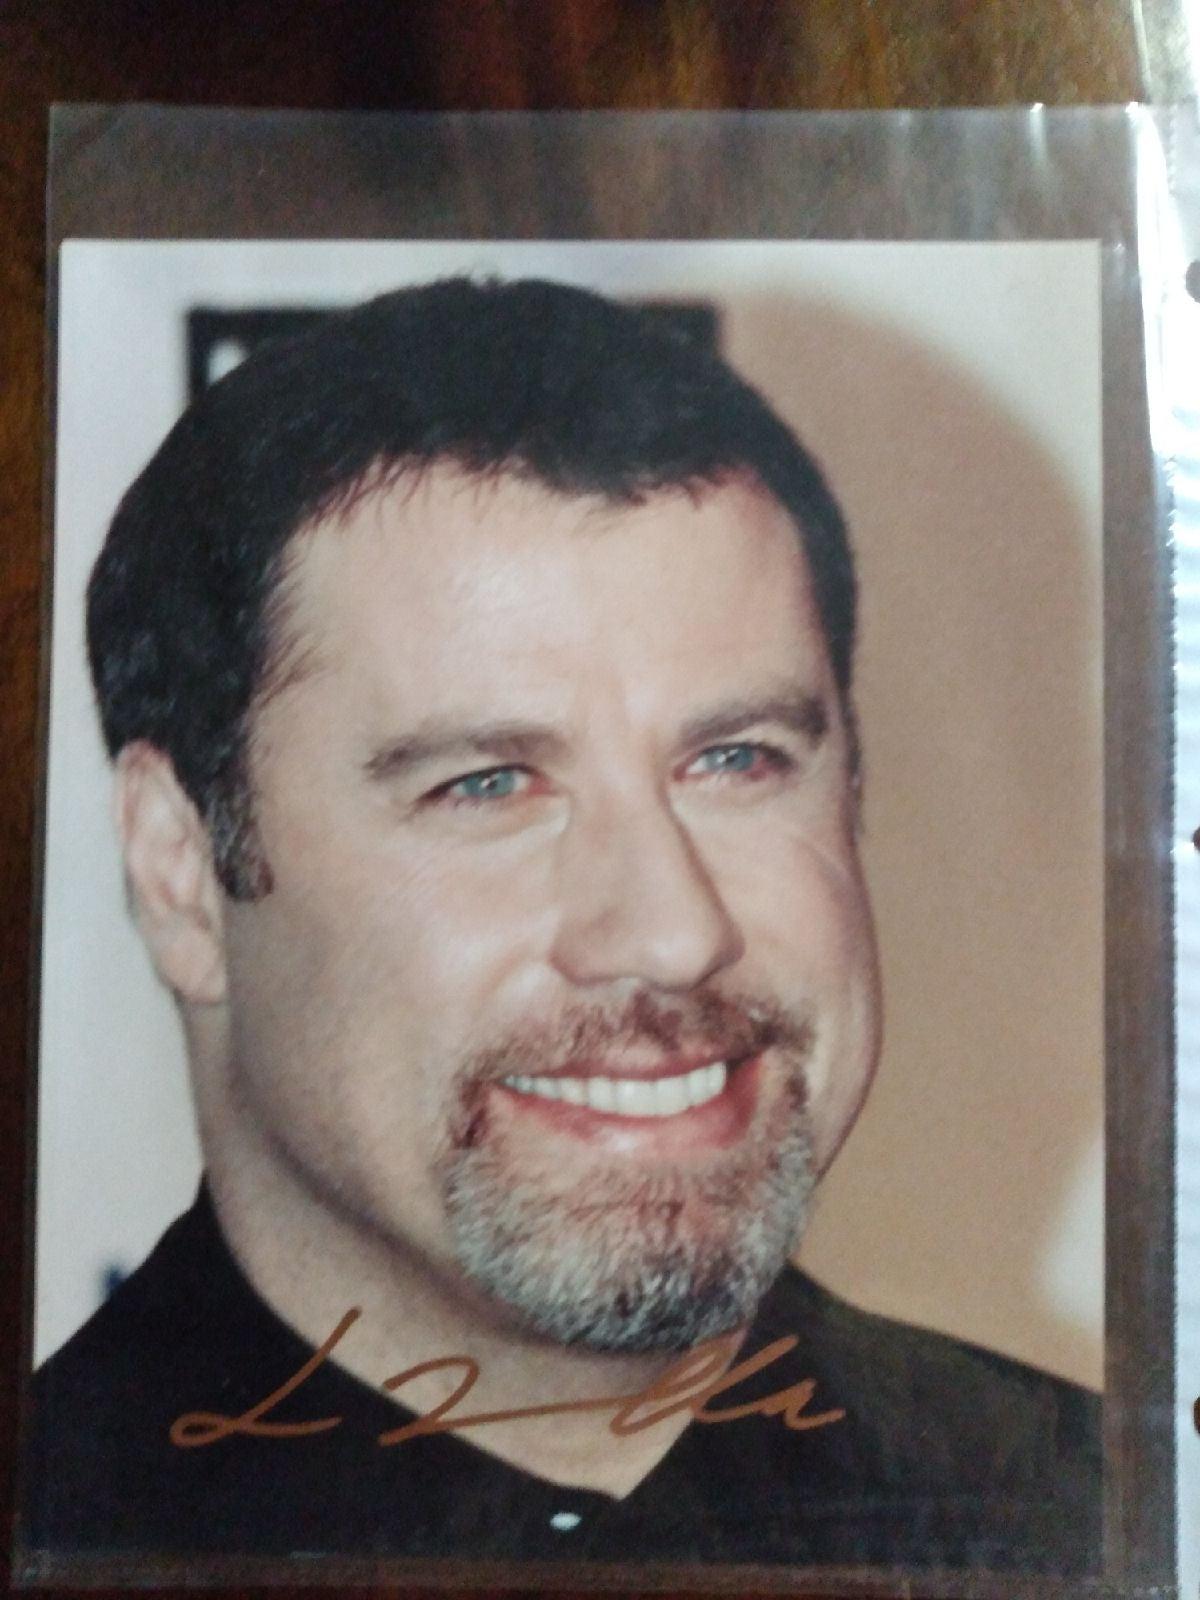 John Travolta picture with signature COA